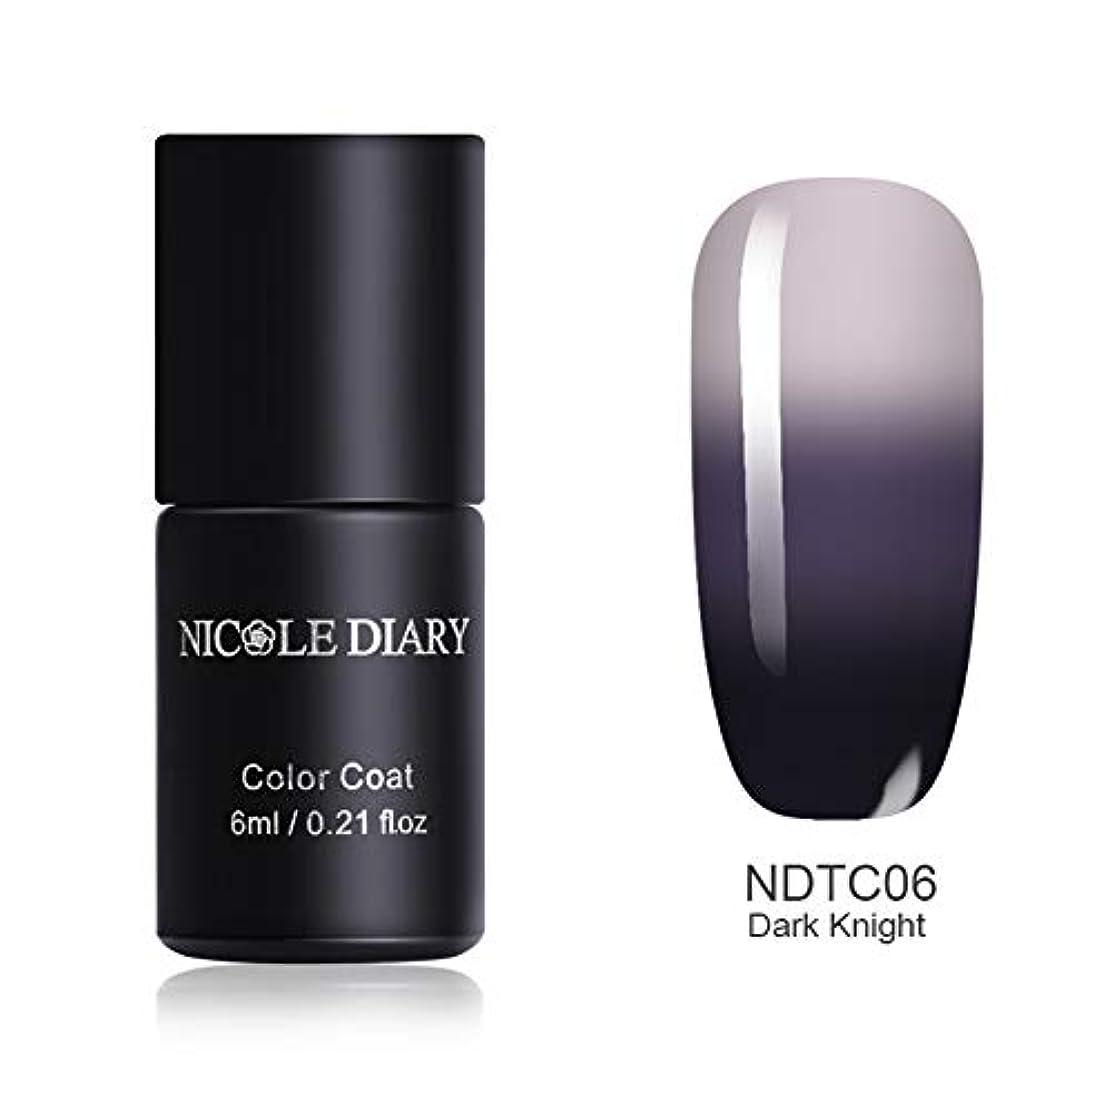 クッションオート鎖NICOLE DIARY 温度によって色が変わるジェル 3段階の色に変化 カメレオンジェル 6ml UV/LED対応 6色 マジックカラージェル ジェルネイル NDTC06 Dark Knight [並行輸入品]